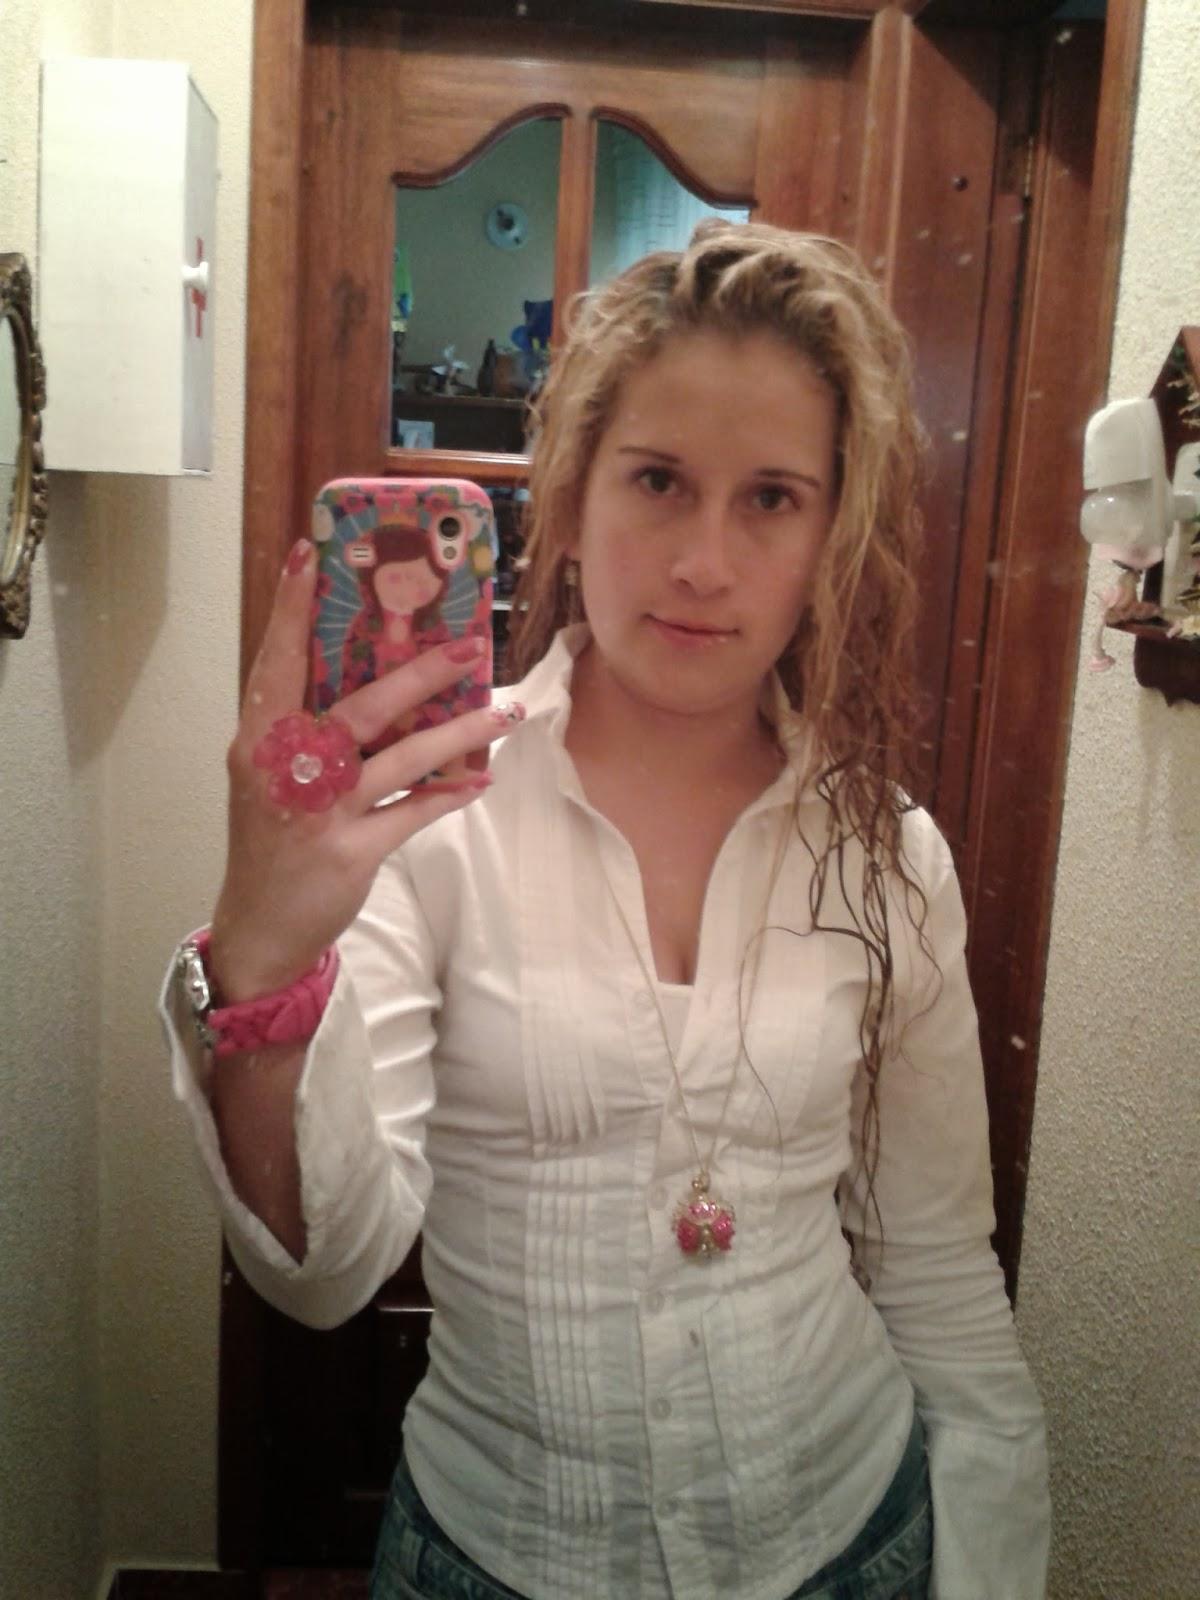 Johanna Maldonado Instagram Johanna maldonado 2013Johanna Maldonado Biografia